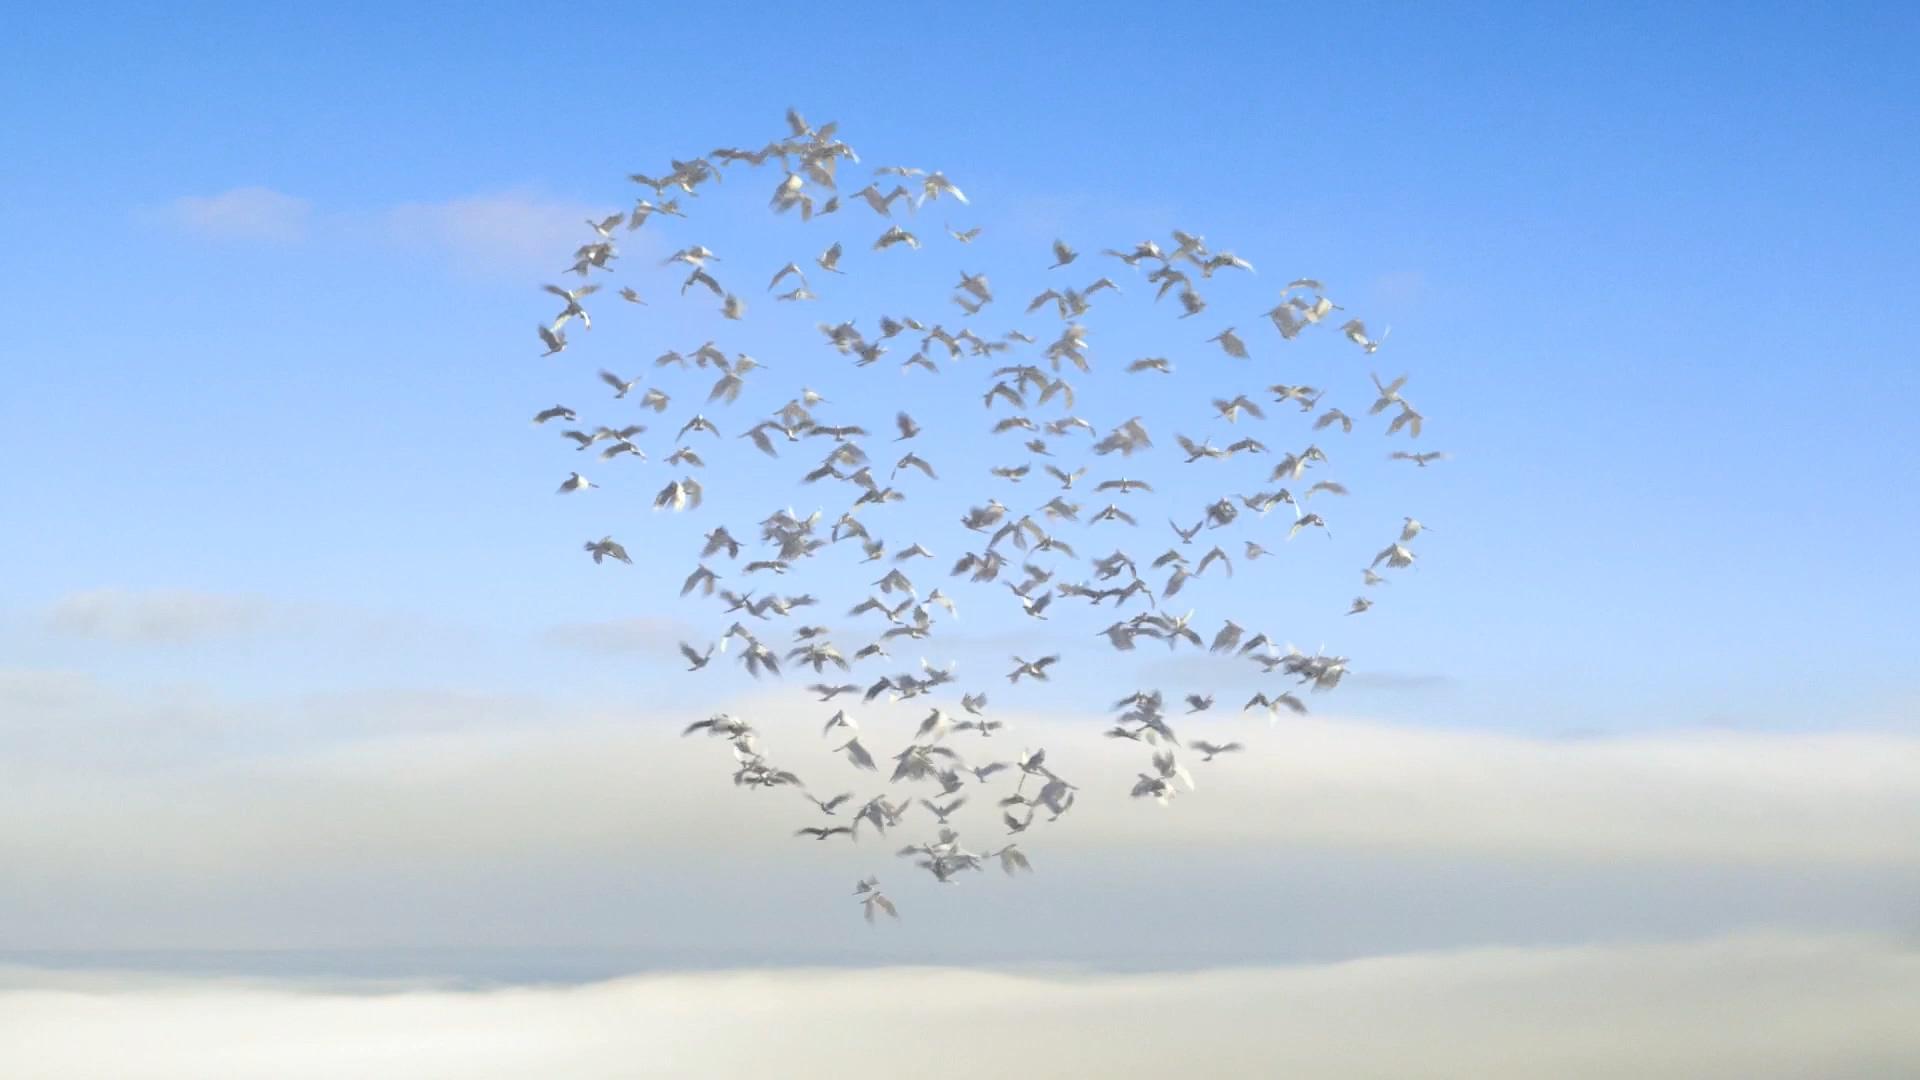 飞鸟汇聚成心形